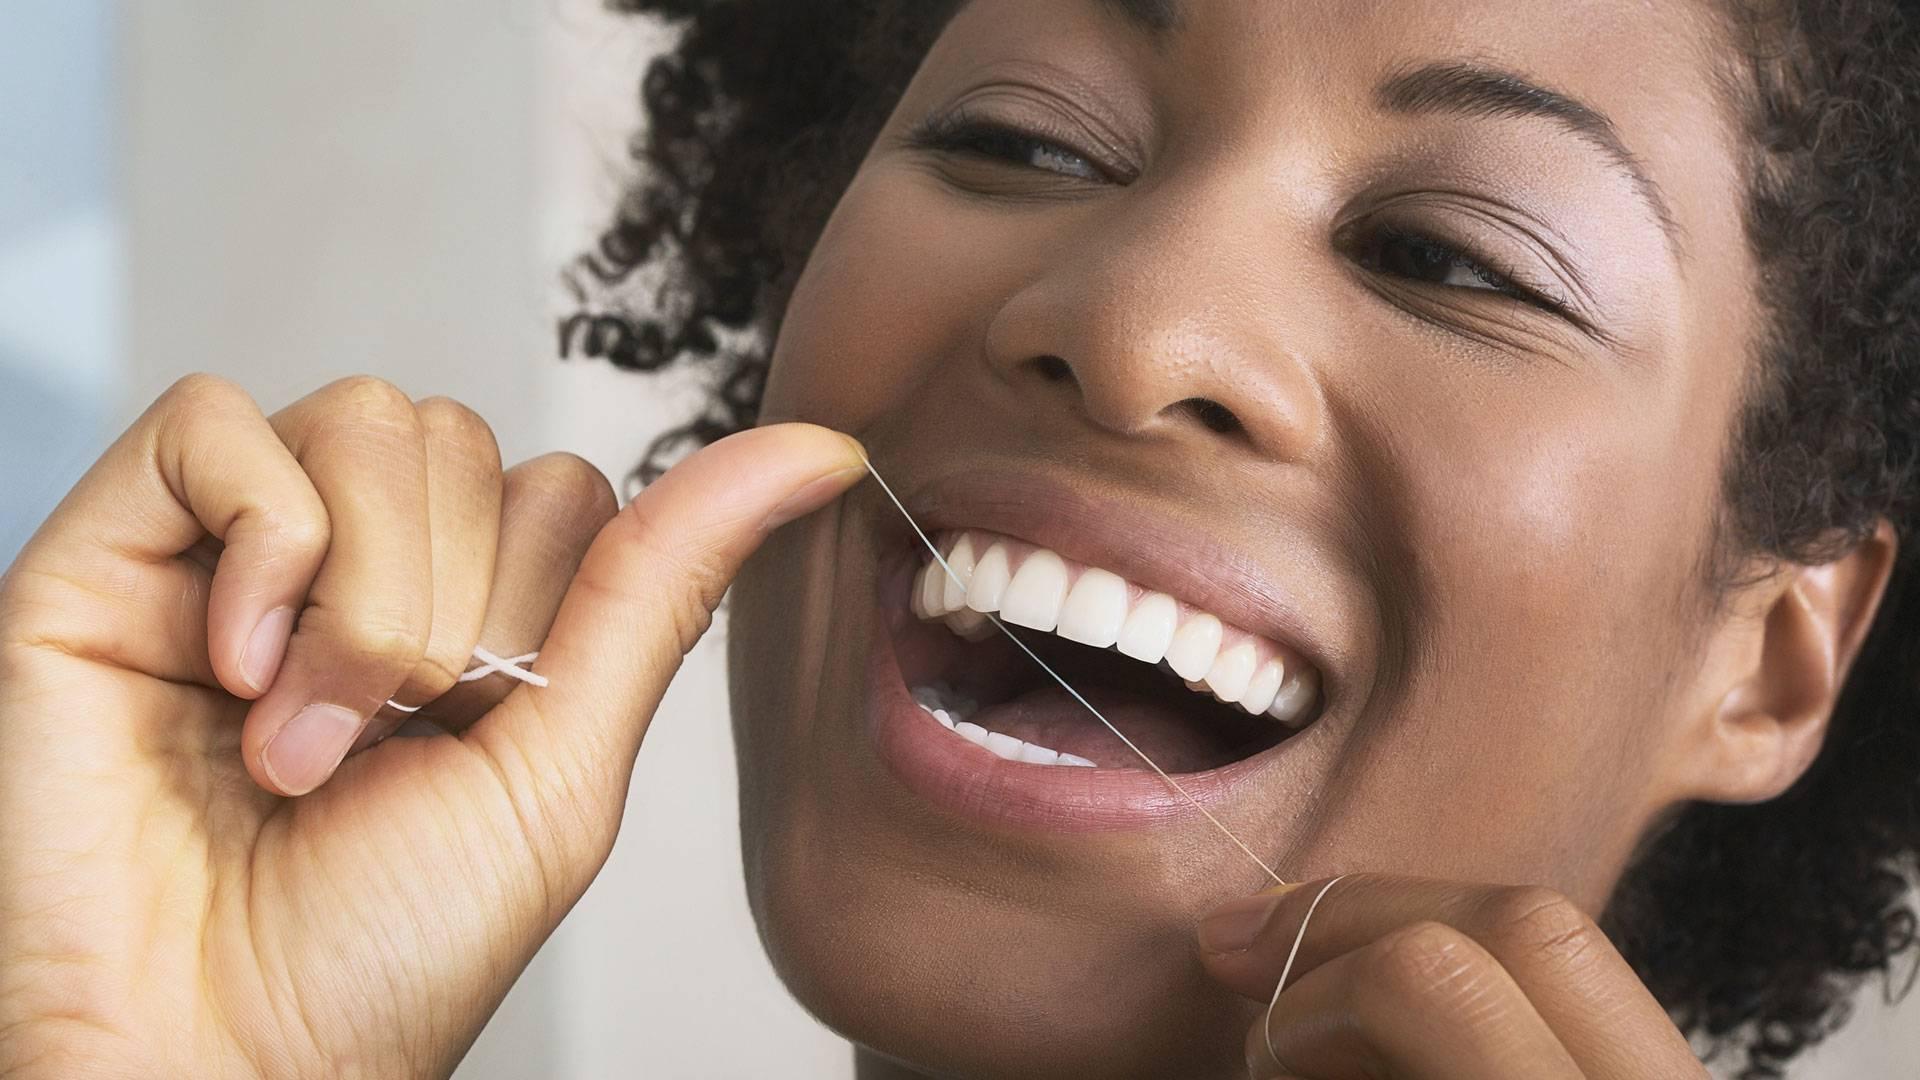 Зубная нить: как правильно пользоваться, особенности чистки